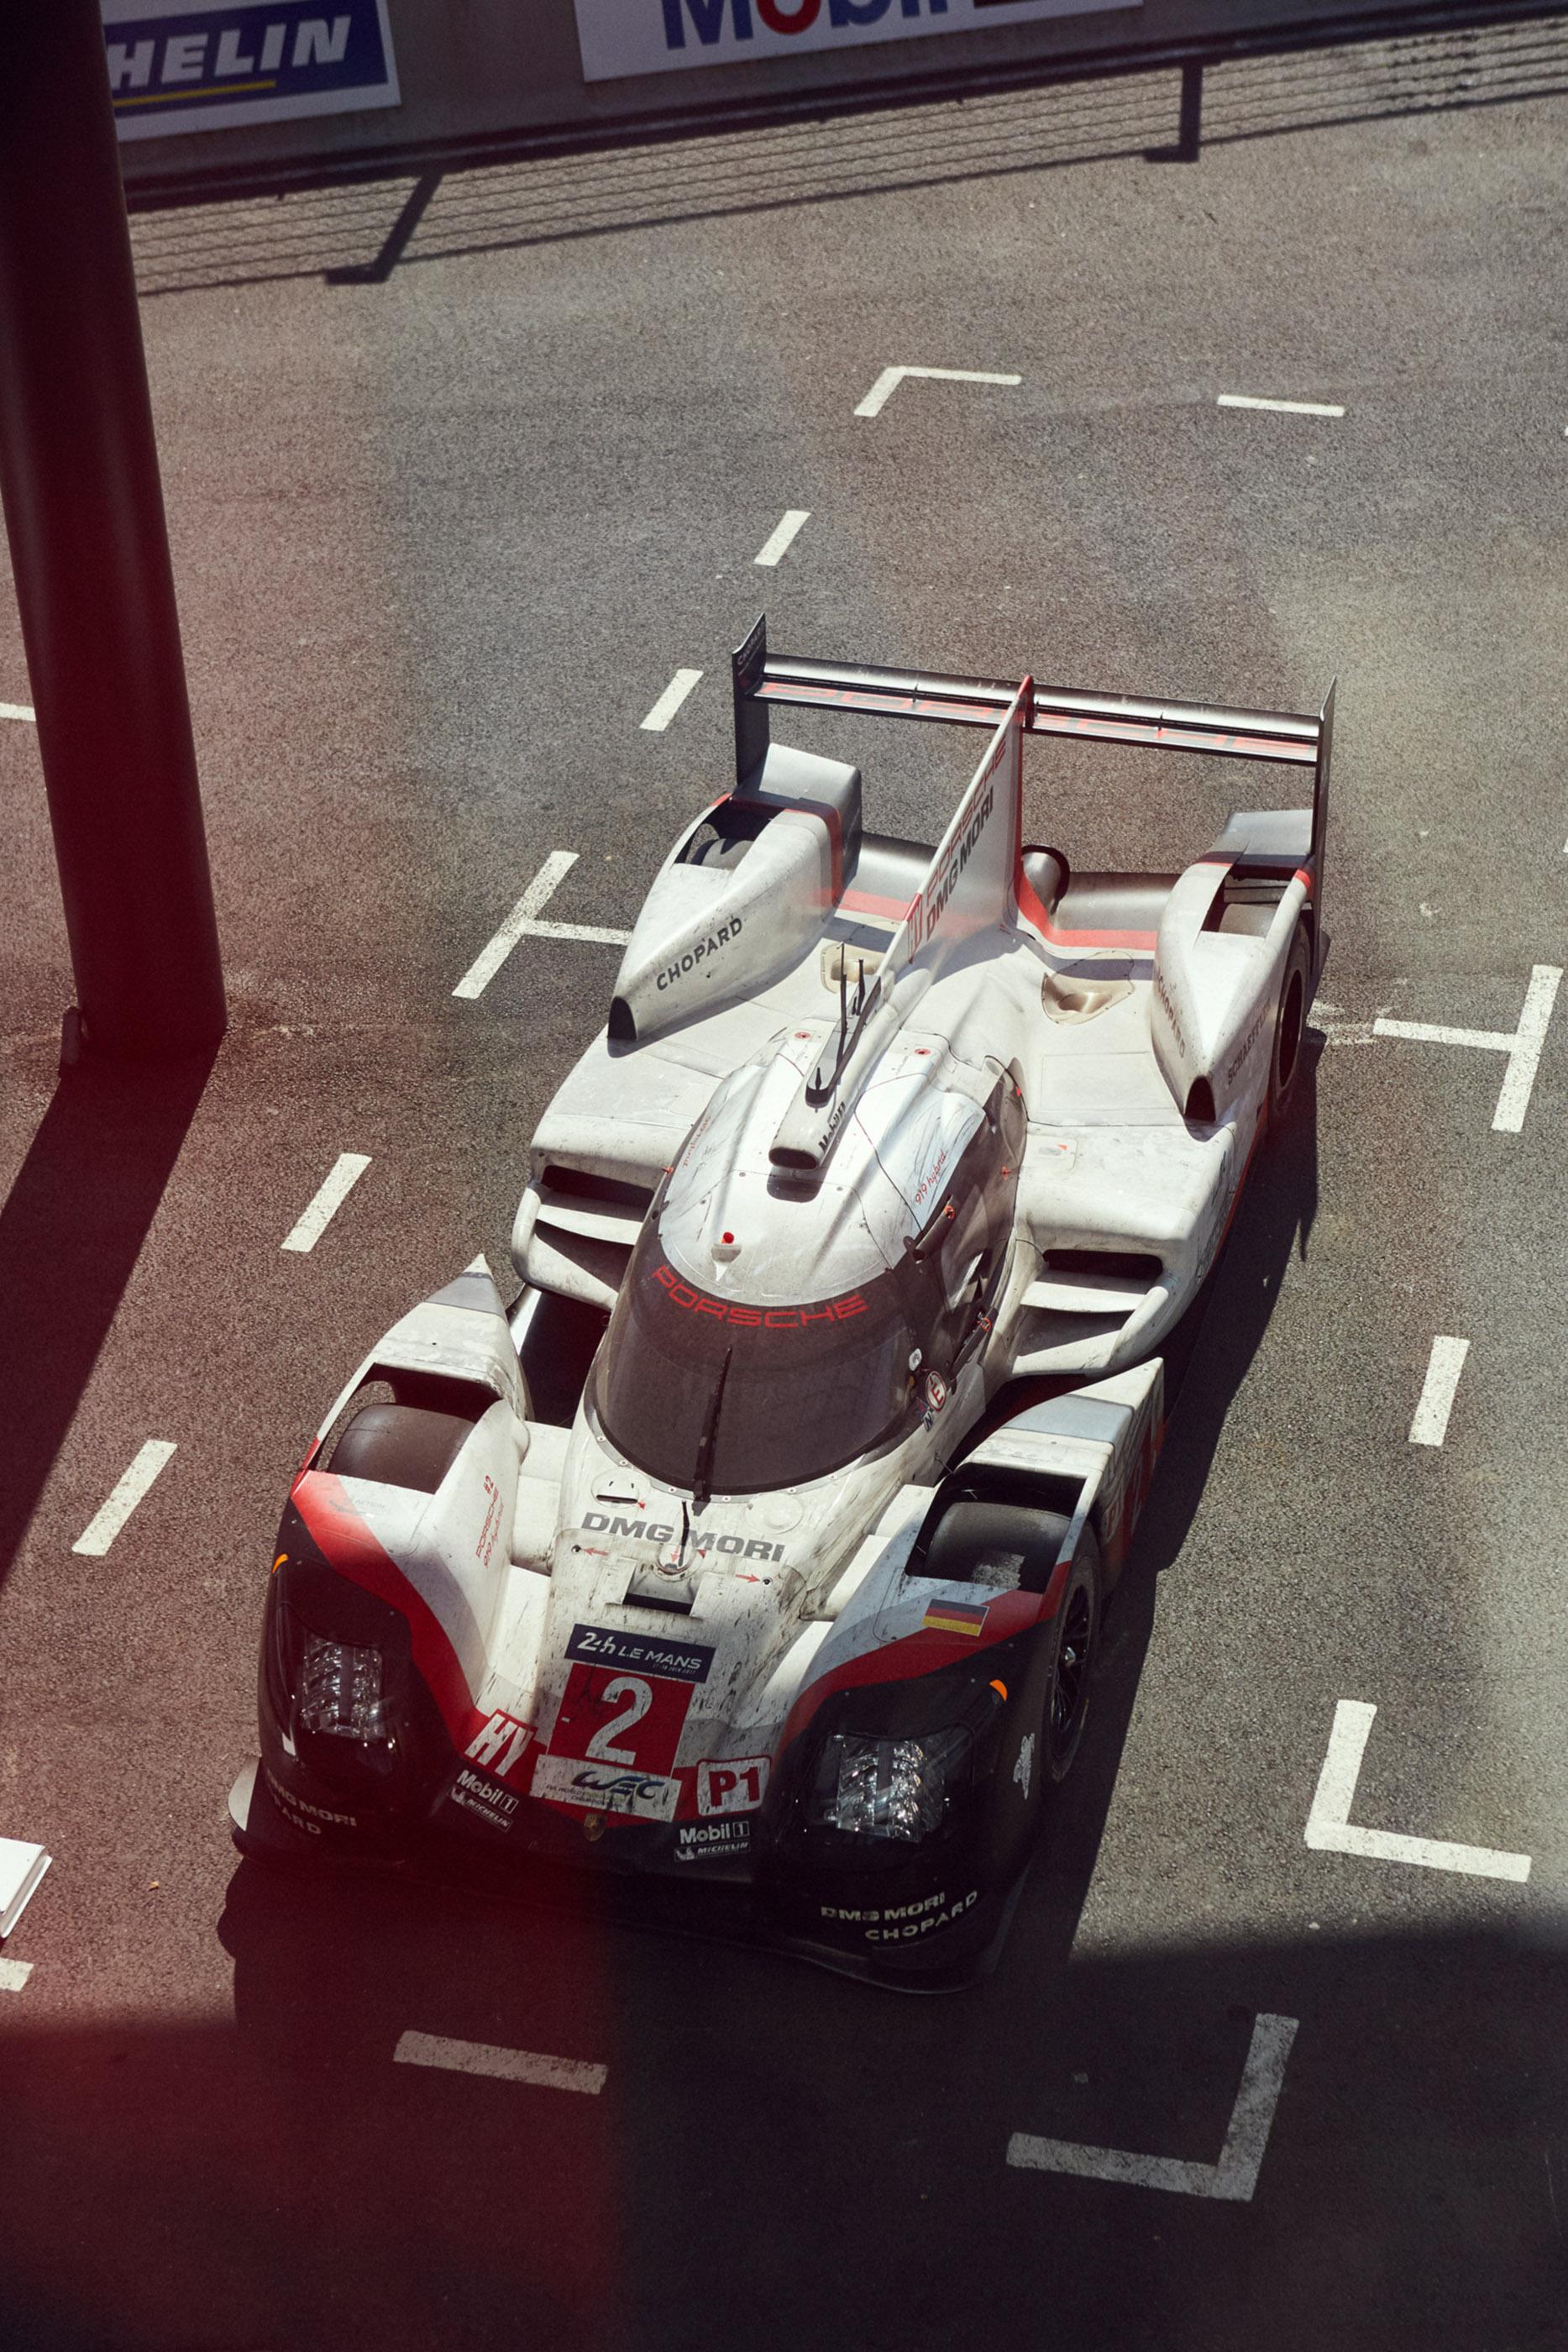 Porsche_LeMans_8796.jpg